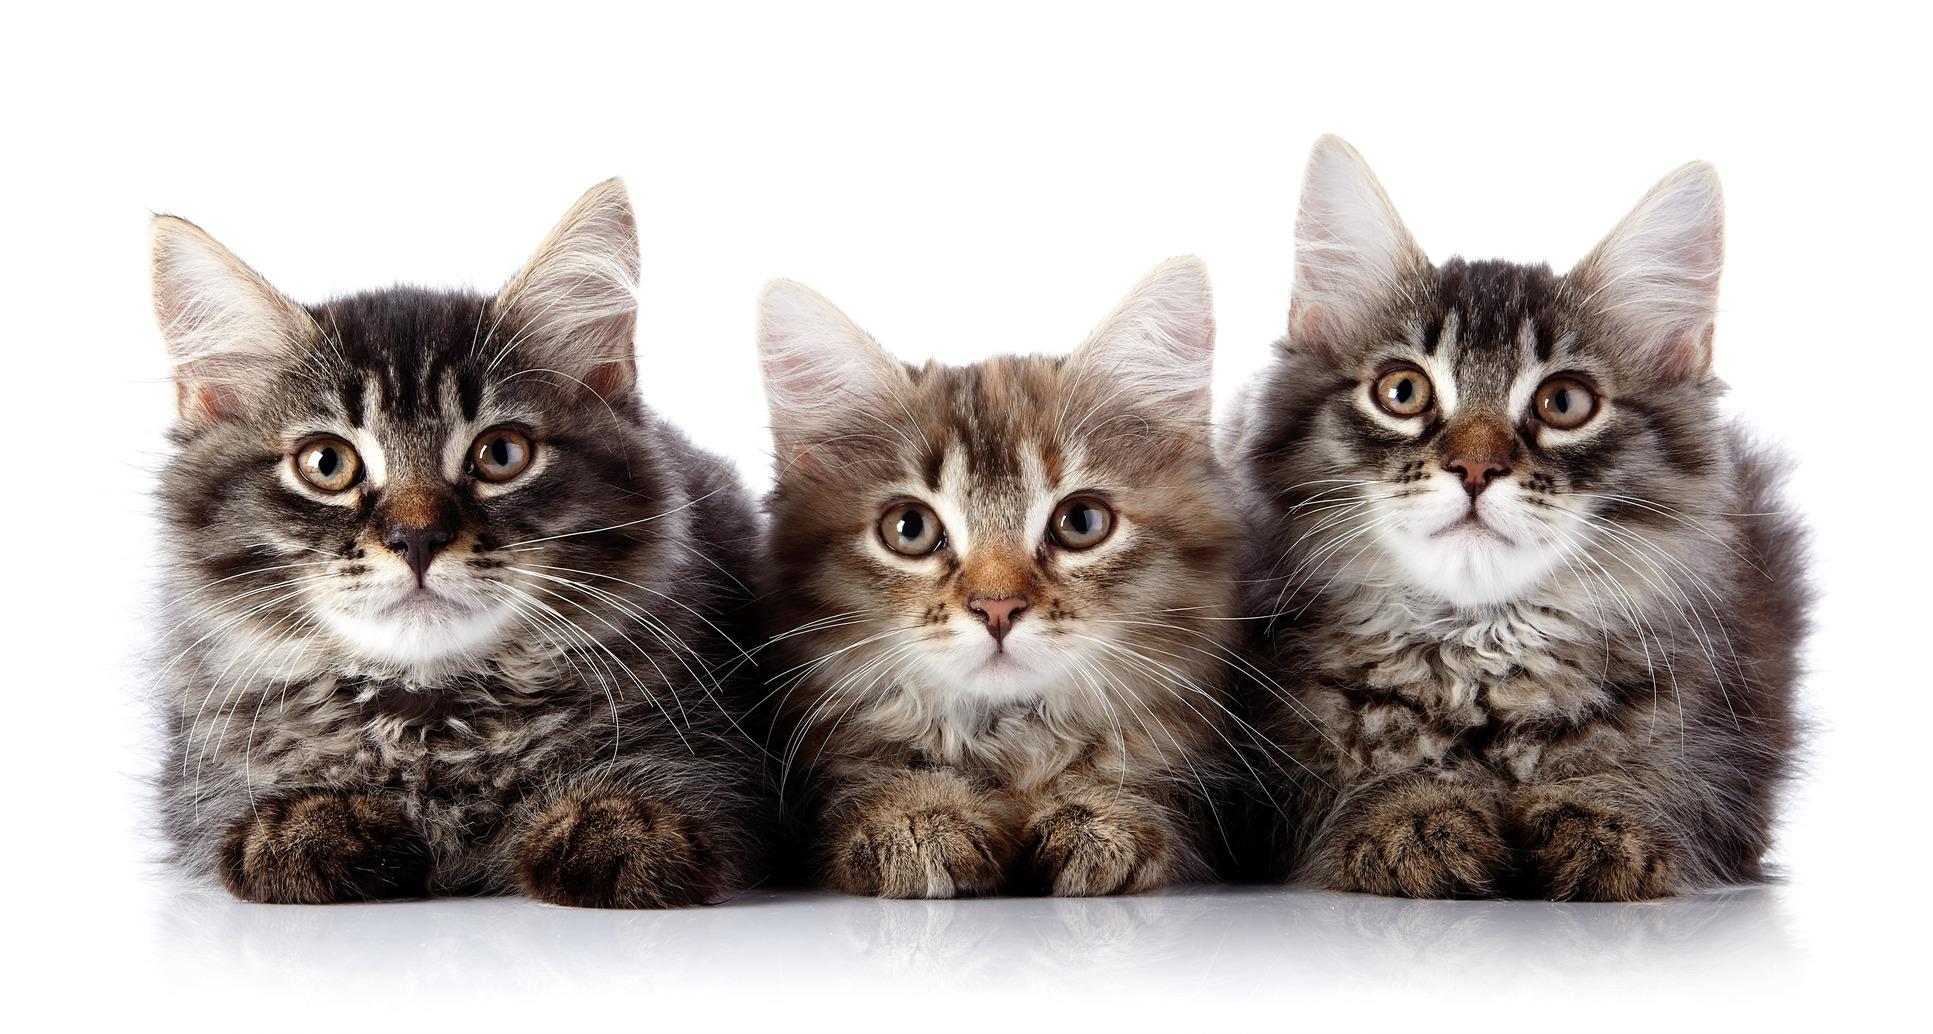 مرض خطير تسببه القطط